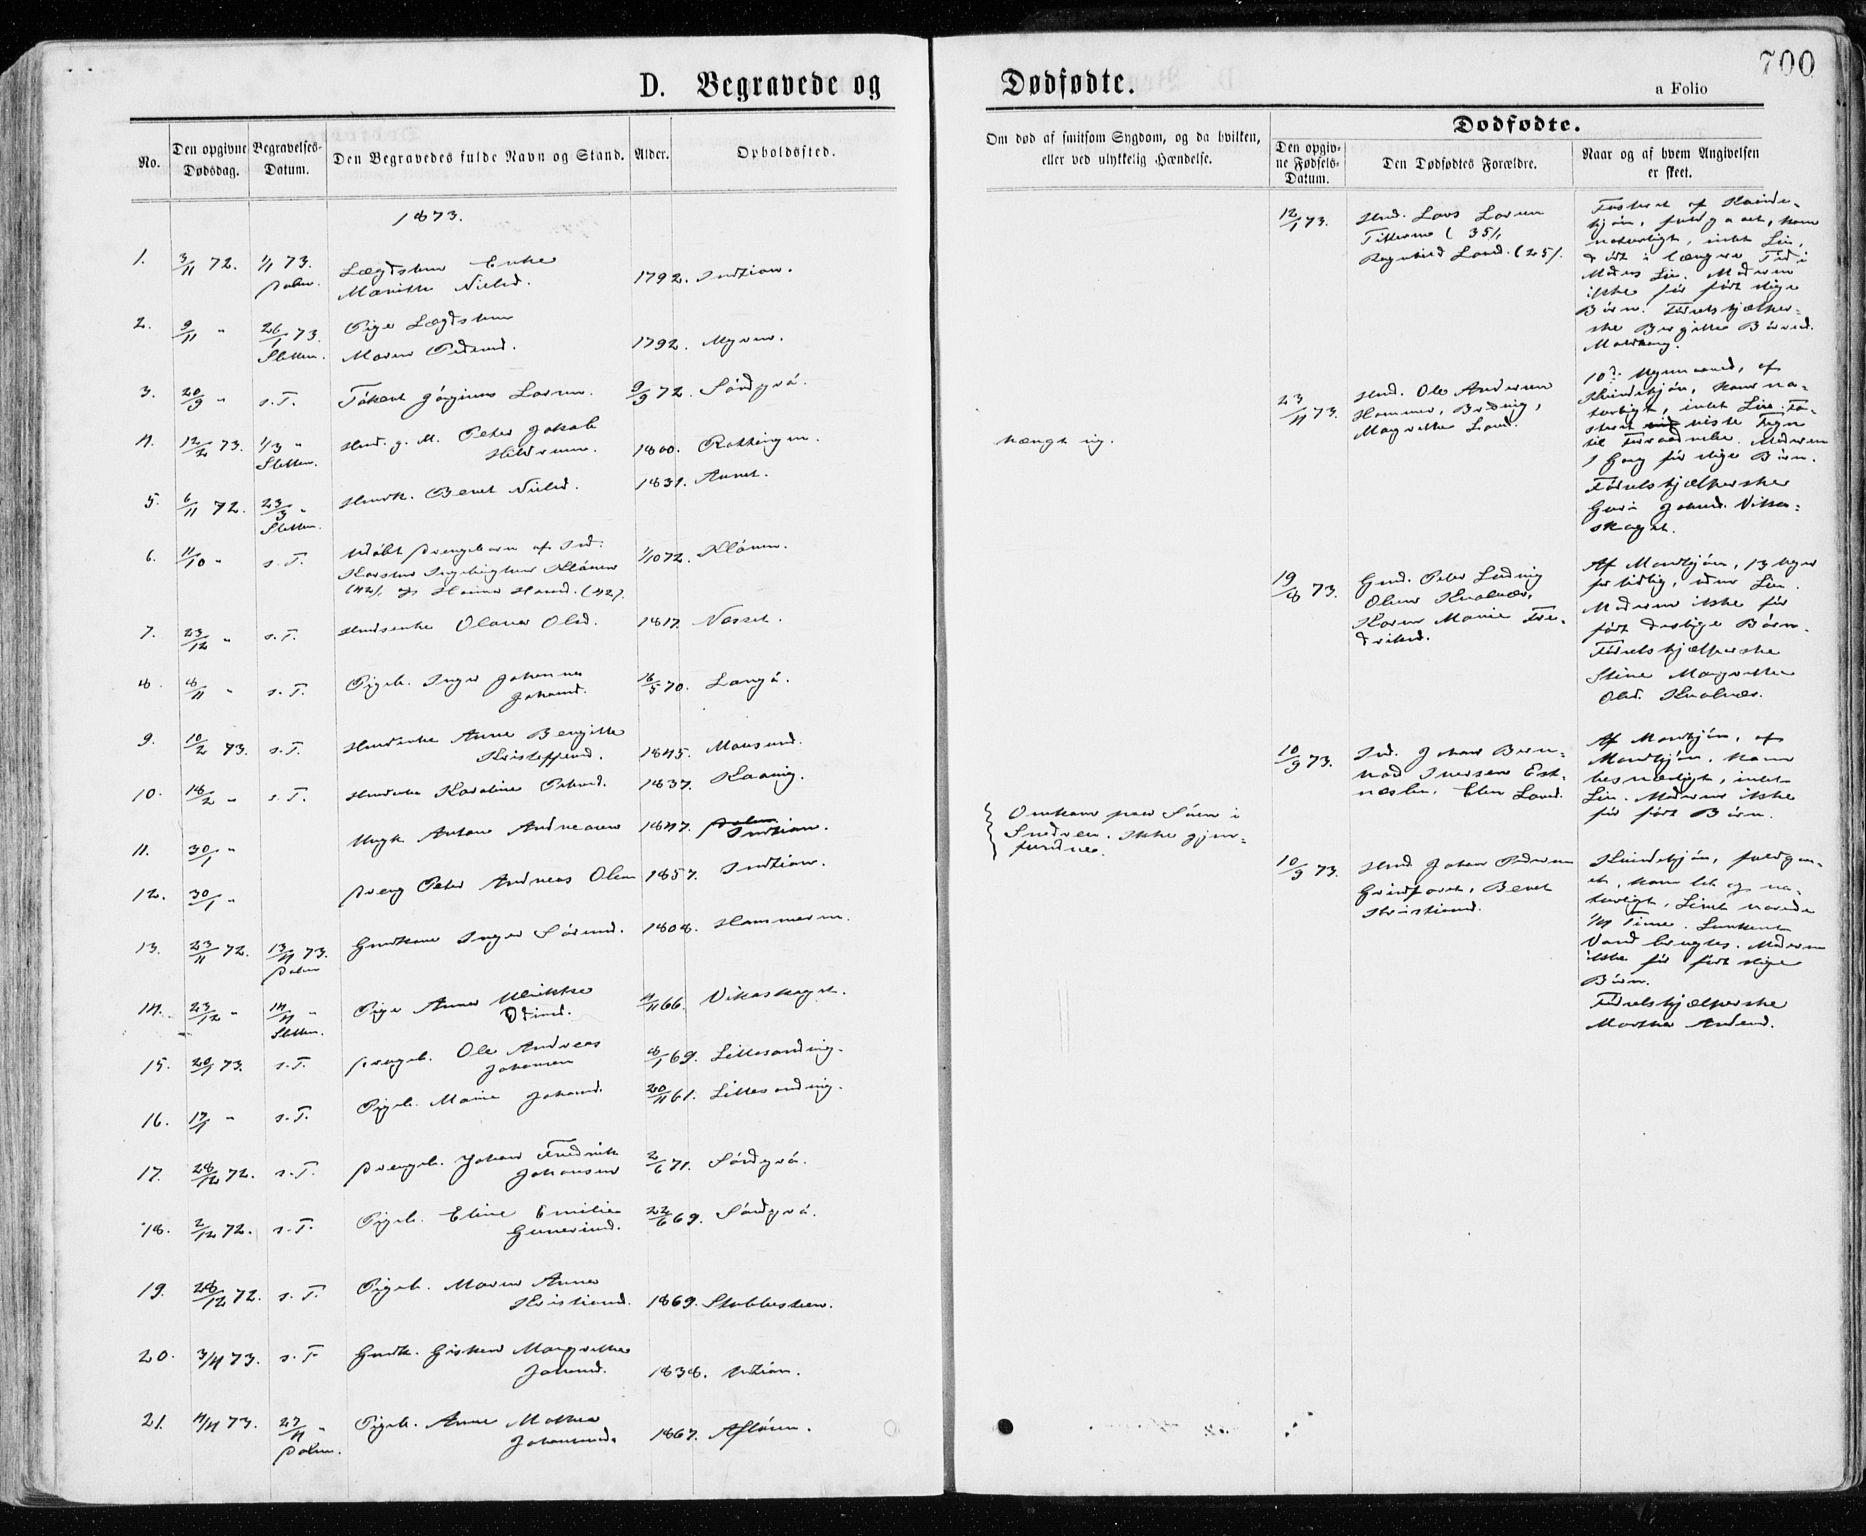 SAT, Ministerialprotokoller, klokkerbøker og fødselsregistre - Sør-Trøndelag, 640/L0576: Ministerialbok nr. 640A01, 1846-1876, s. 700